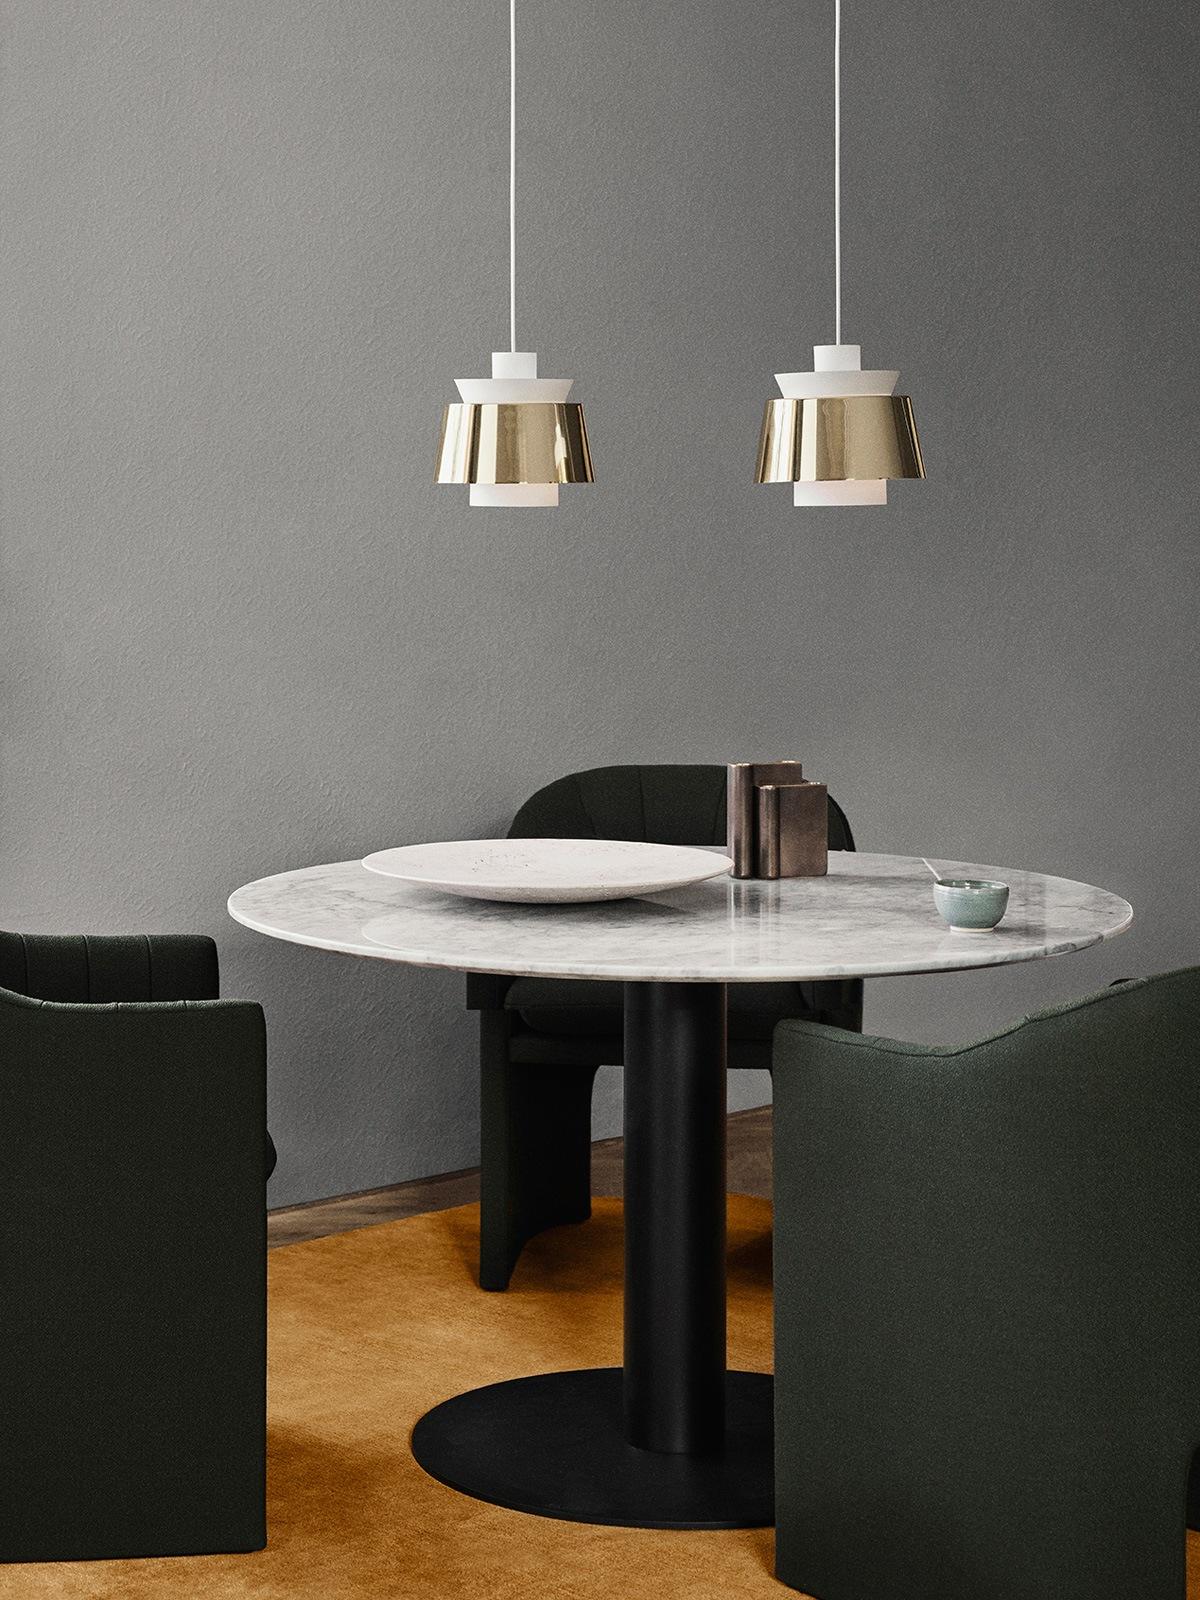 Utzon JU1 Brass and White &tradition Pendelleuchte DesignOrt Leuchten Berlin Onlineshop